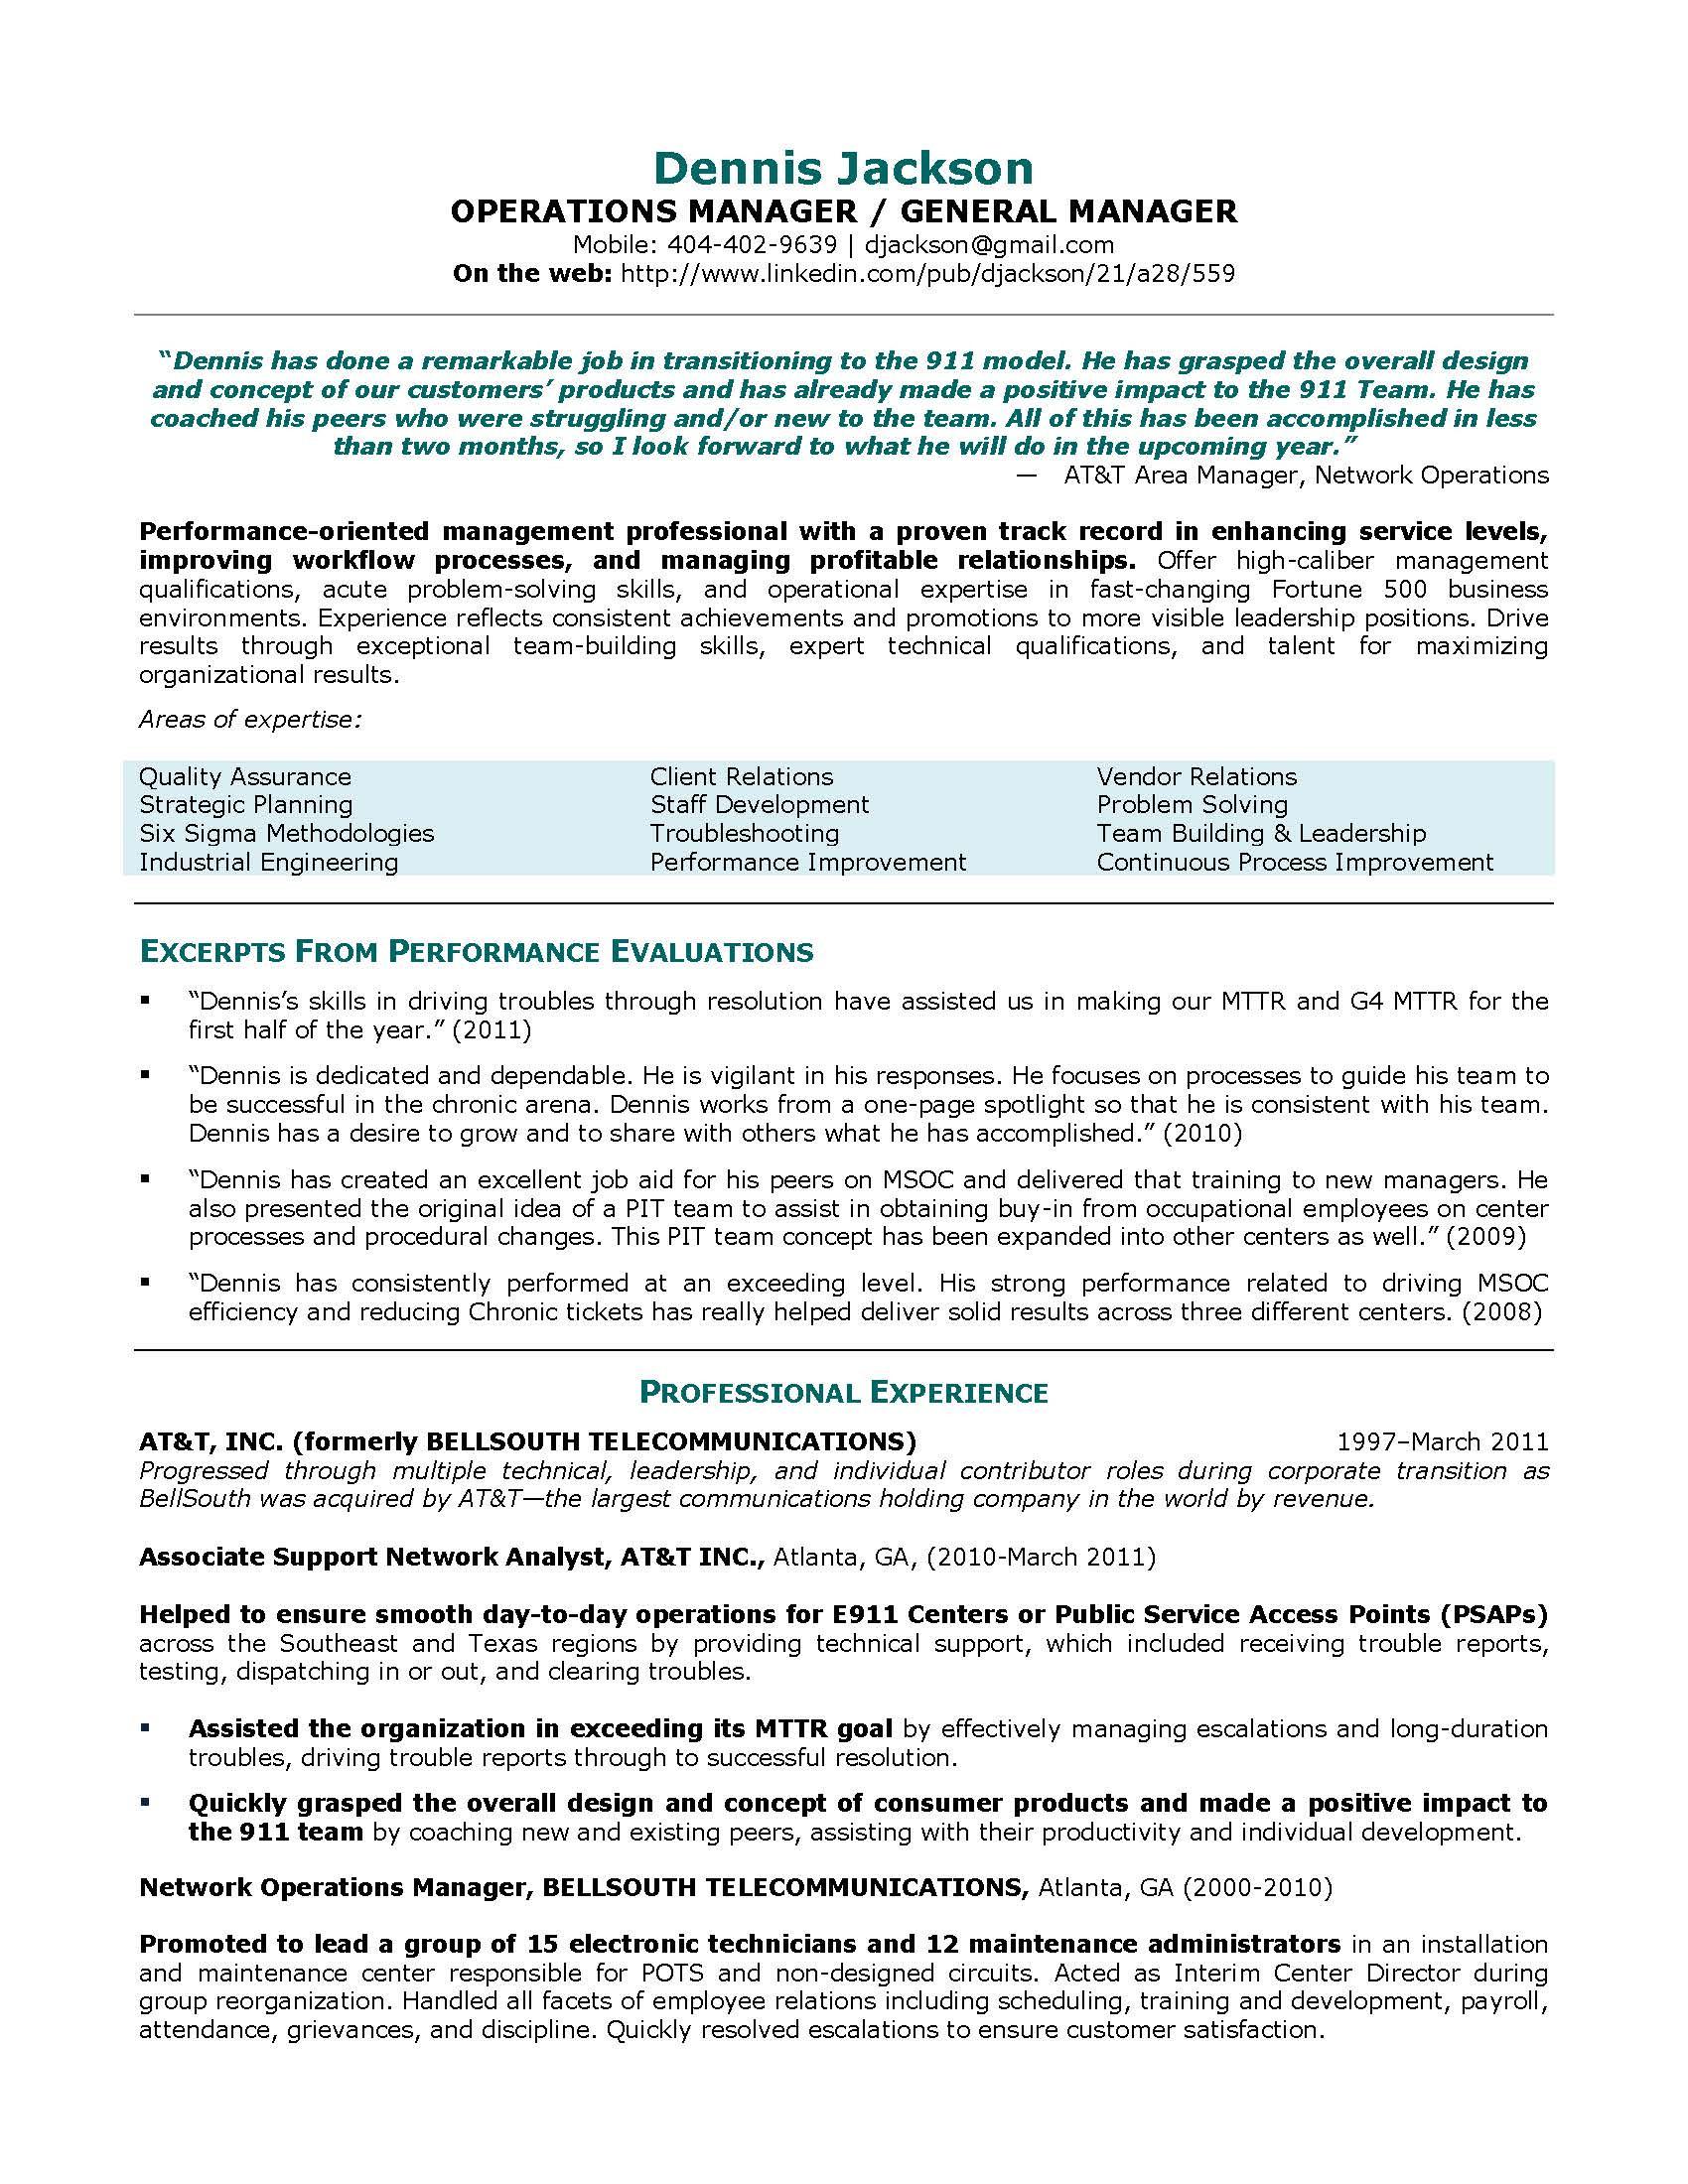 identity management consultant resumeml